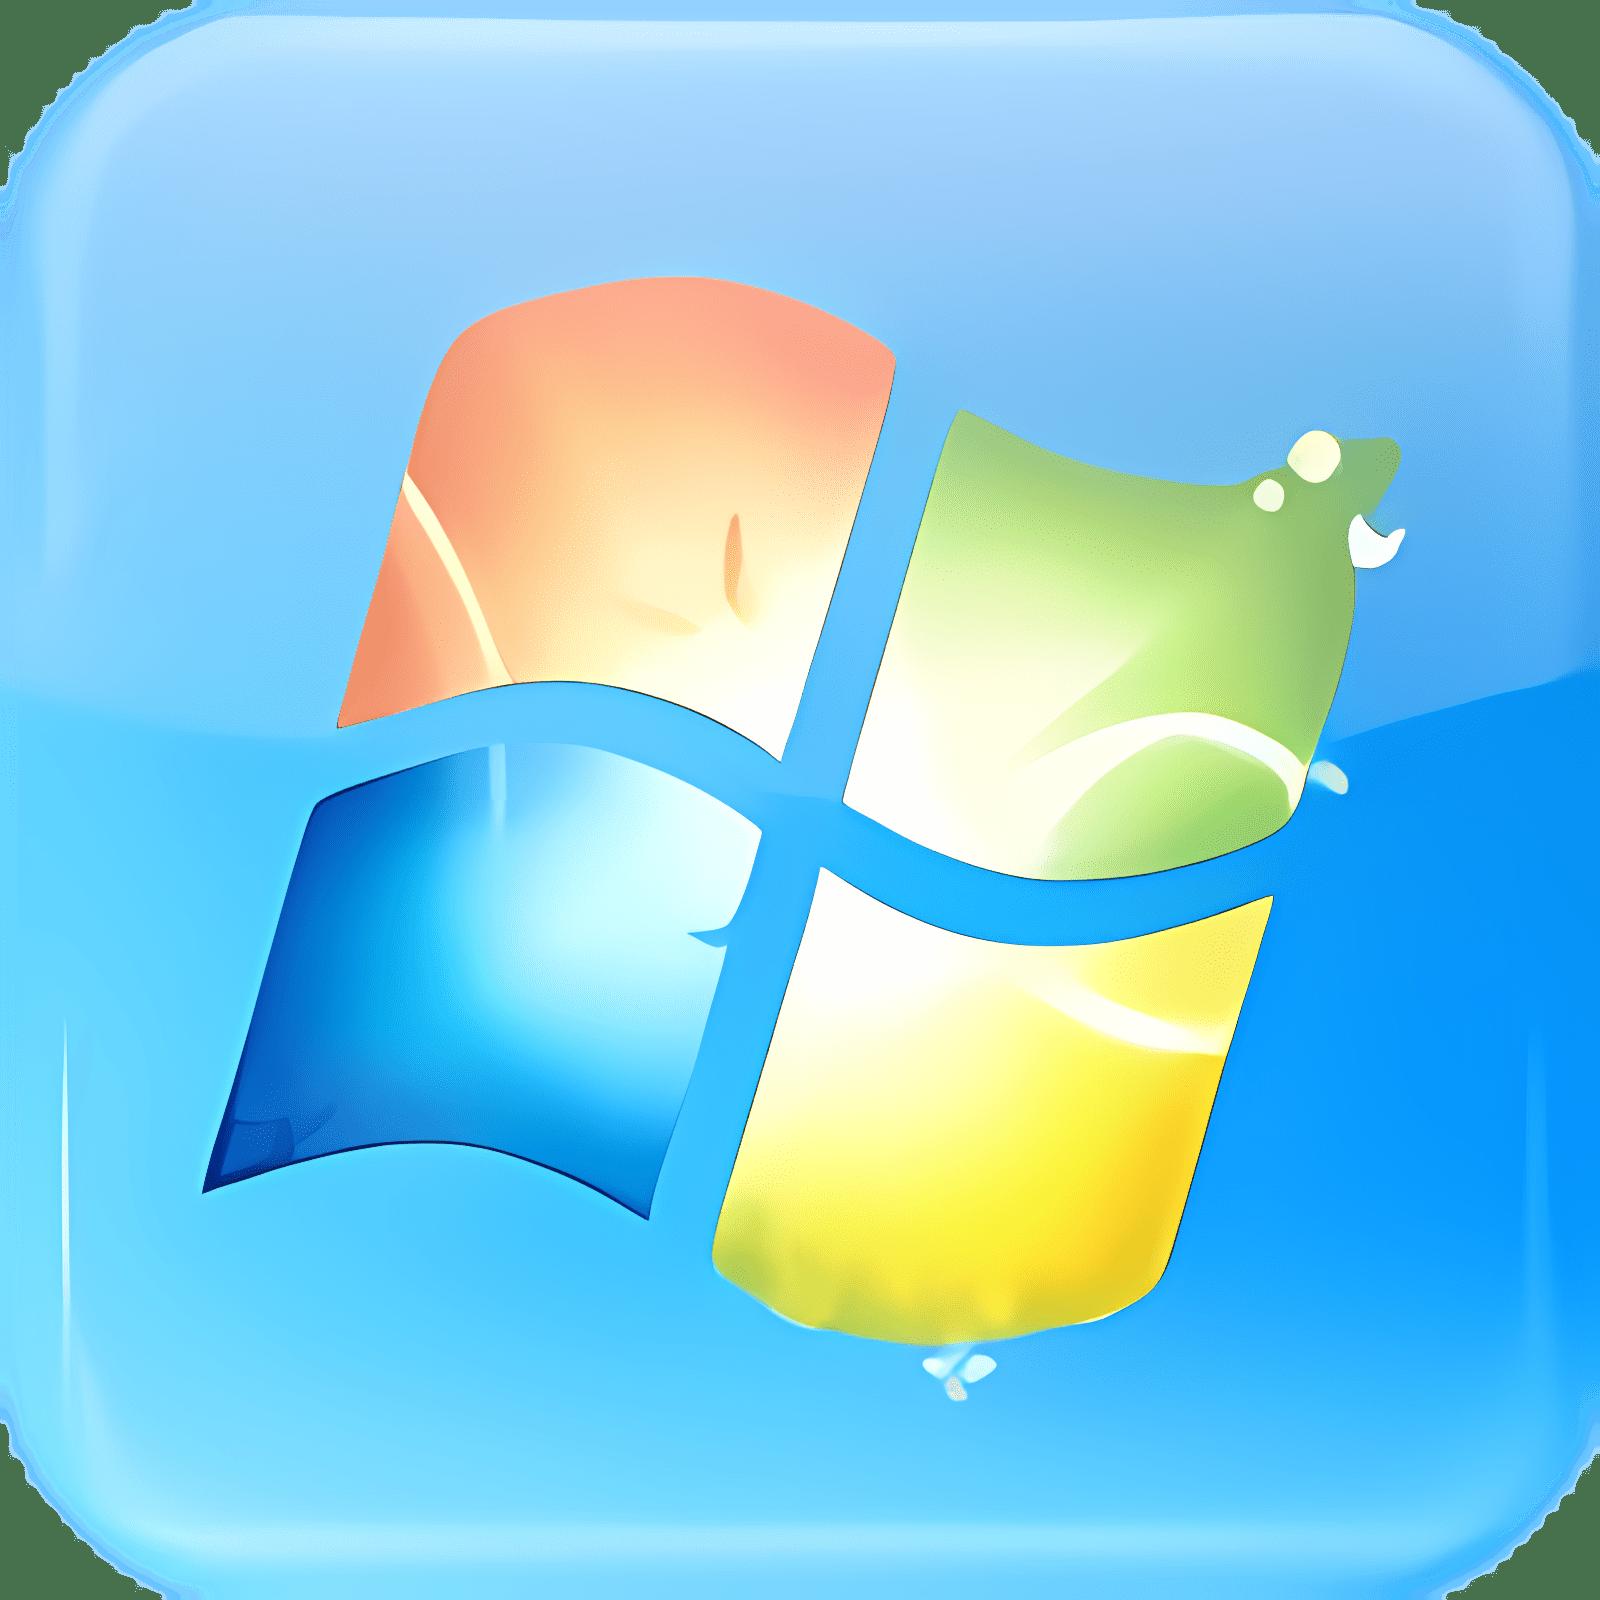 Pack de fonds d'écran pour Windows 7